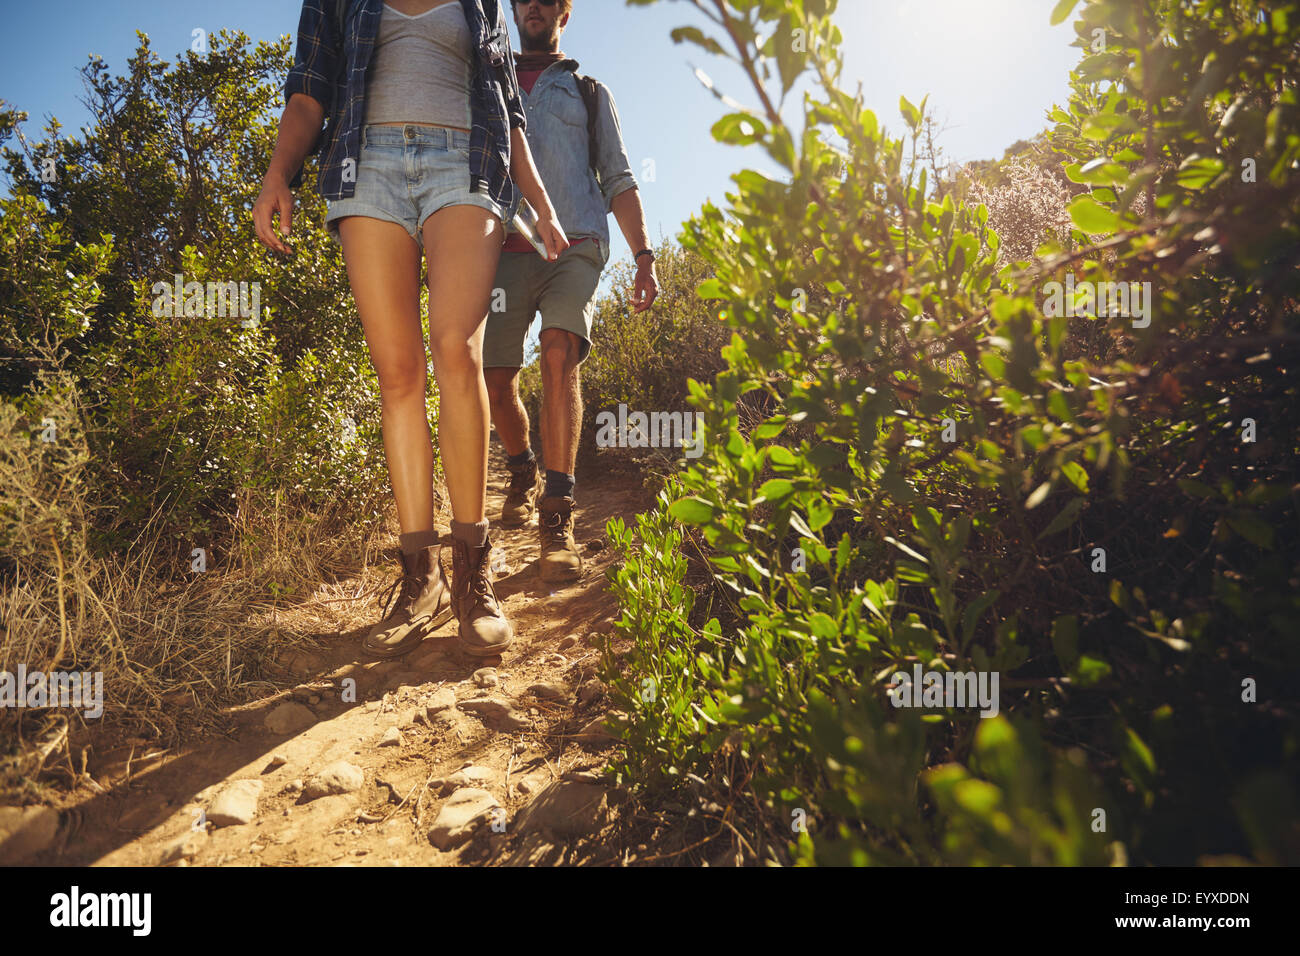 Excursionistas caminando por país trail. Dos jóvenes senderismo en las montañas de día soleado. Captura recortada se centran en las piernas. Foto de stock